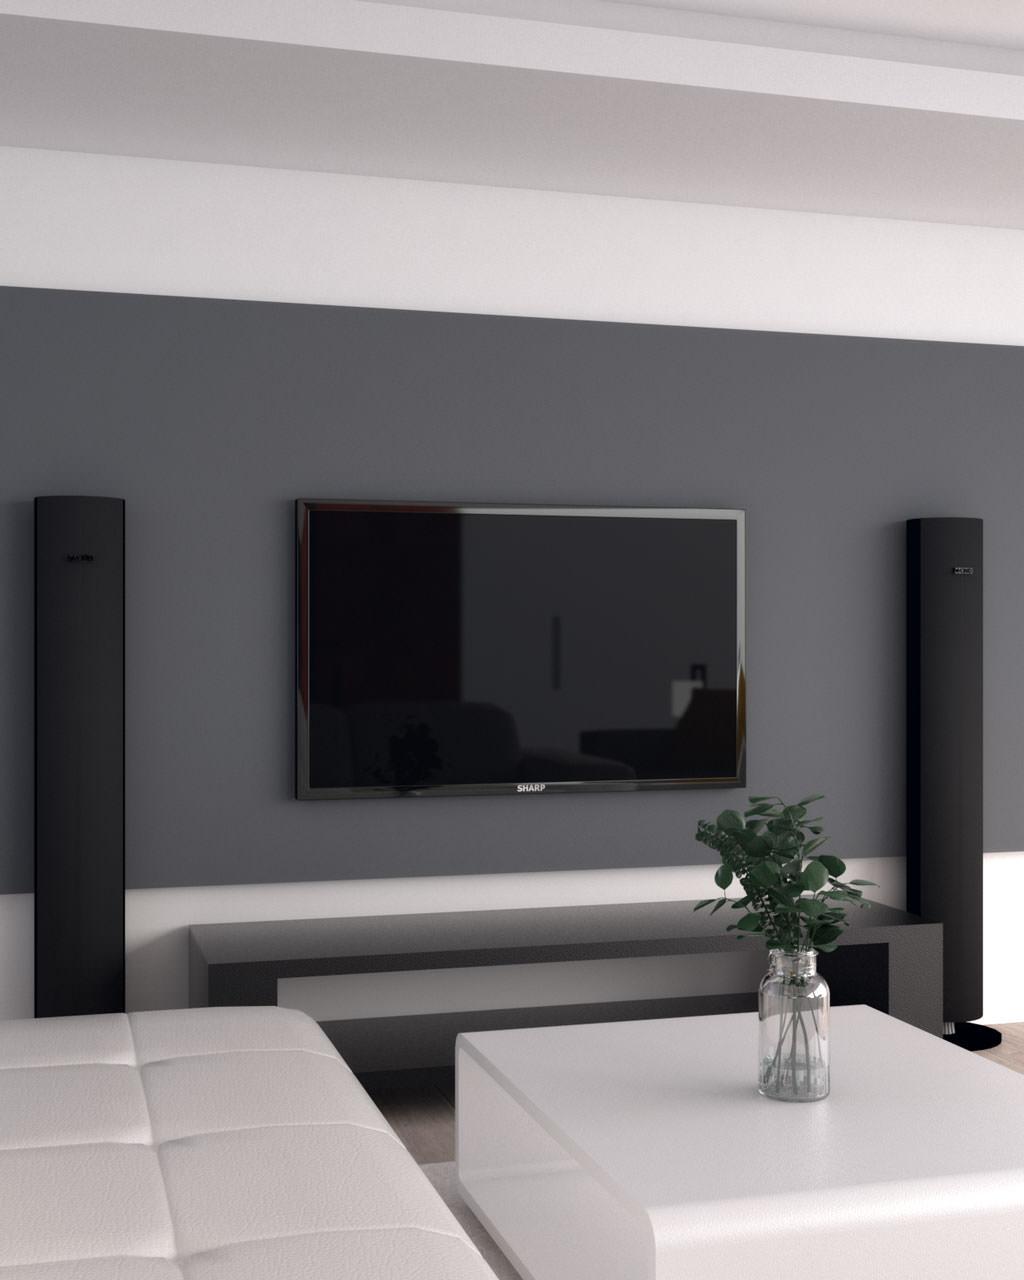 نقاشی دیوار پشت تلویزیون به رنگ طوسی تیره با طرح افقی